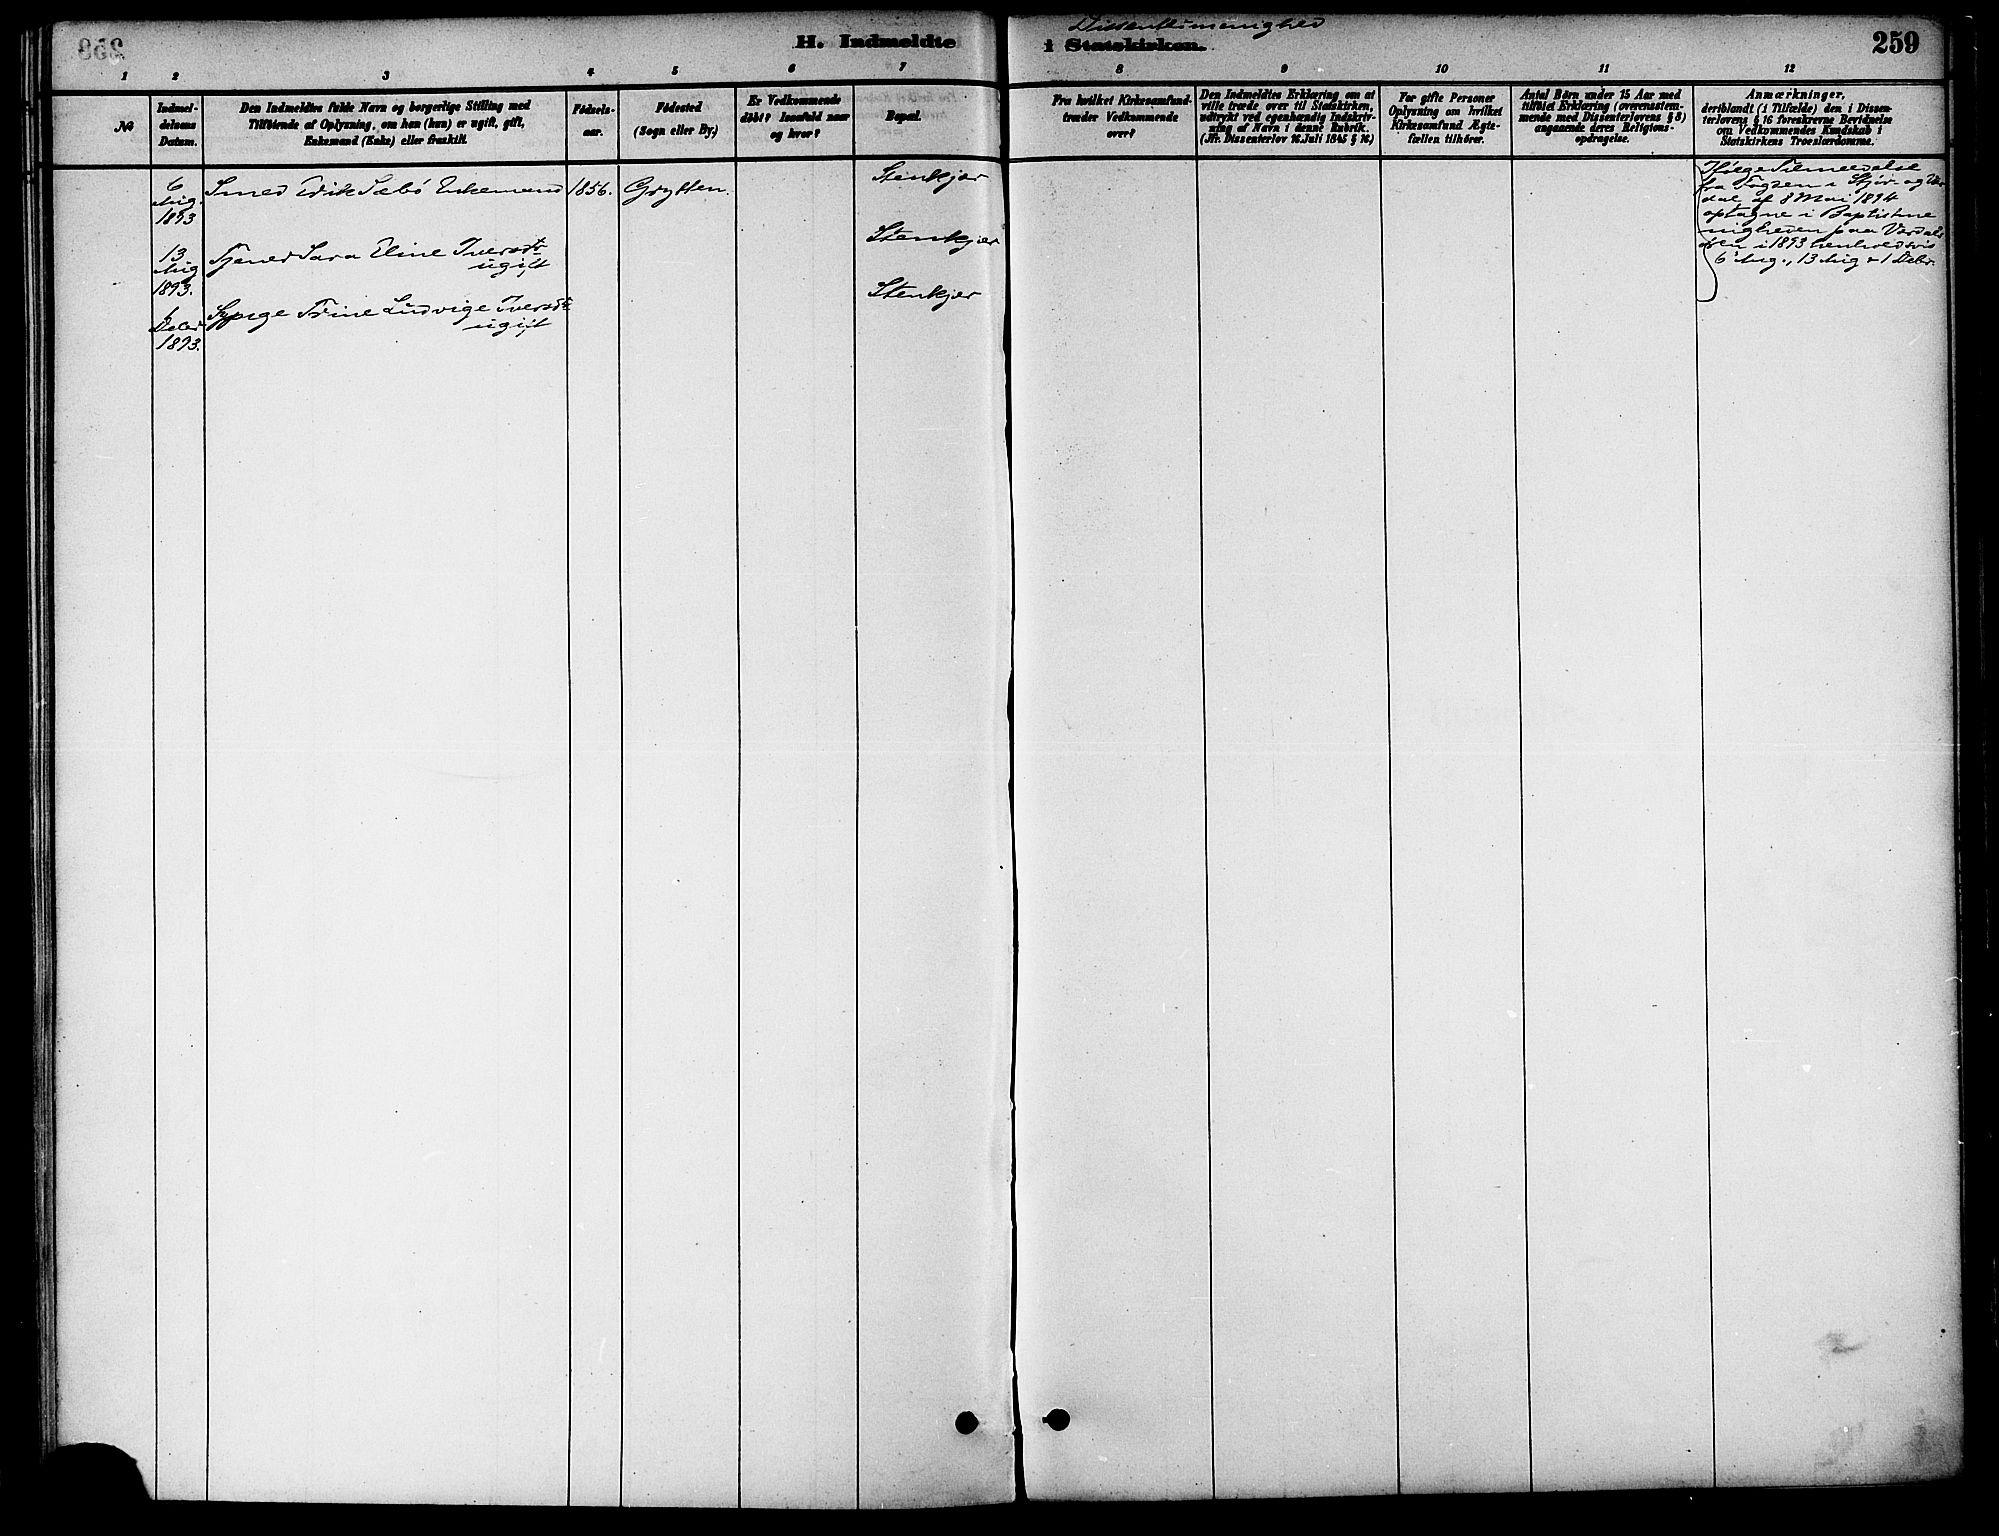 SAT, Ministerialprotokoller, klokkerbøker og fødselsregistre - Nord-Trøndelag, 739/L0371: Ministerialbok nr. 739A03, 1881-1895, s. 259